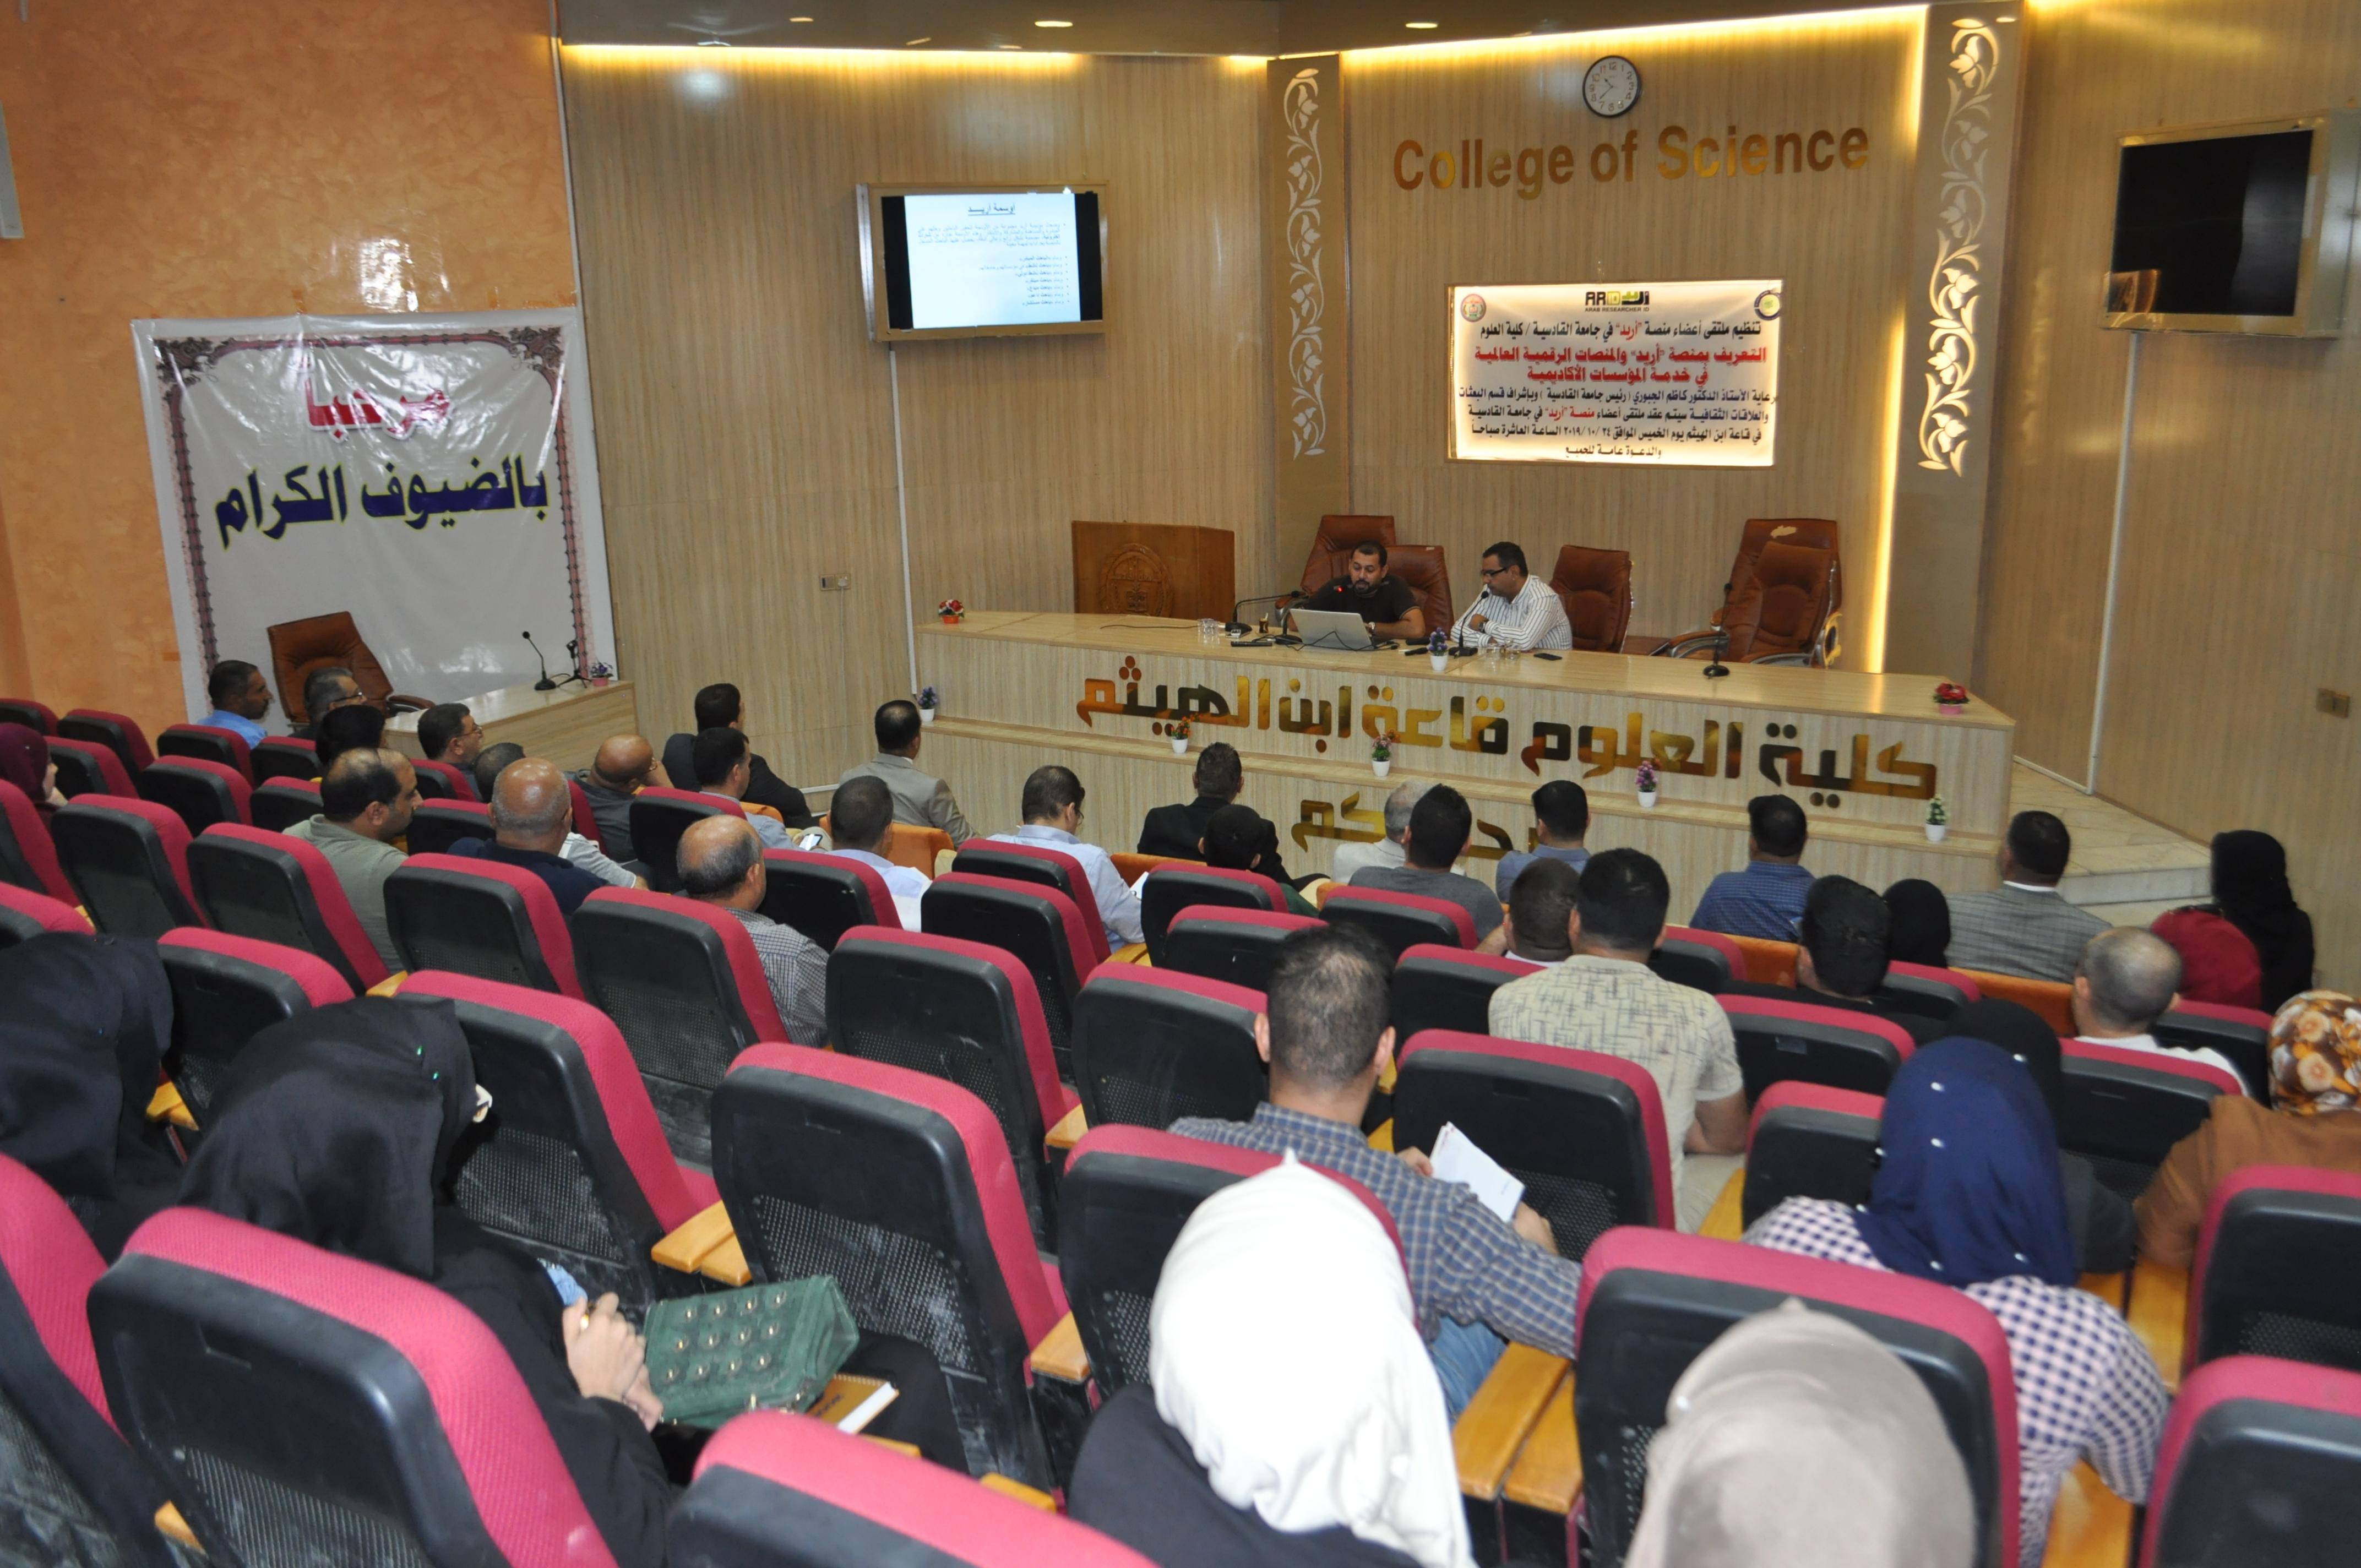 ملتقى منصة اريد (ARID) في كلية العلوم